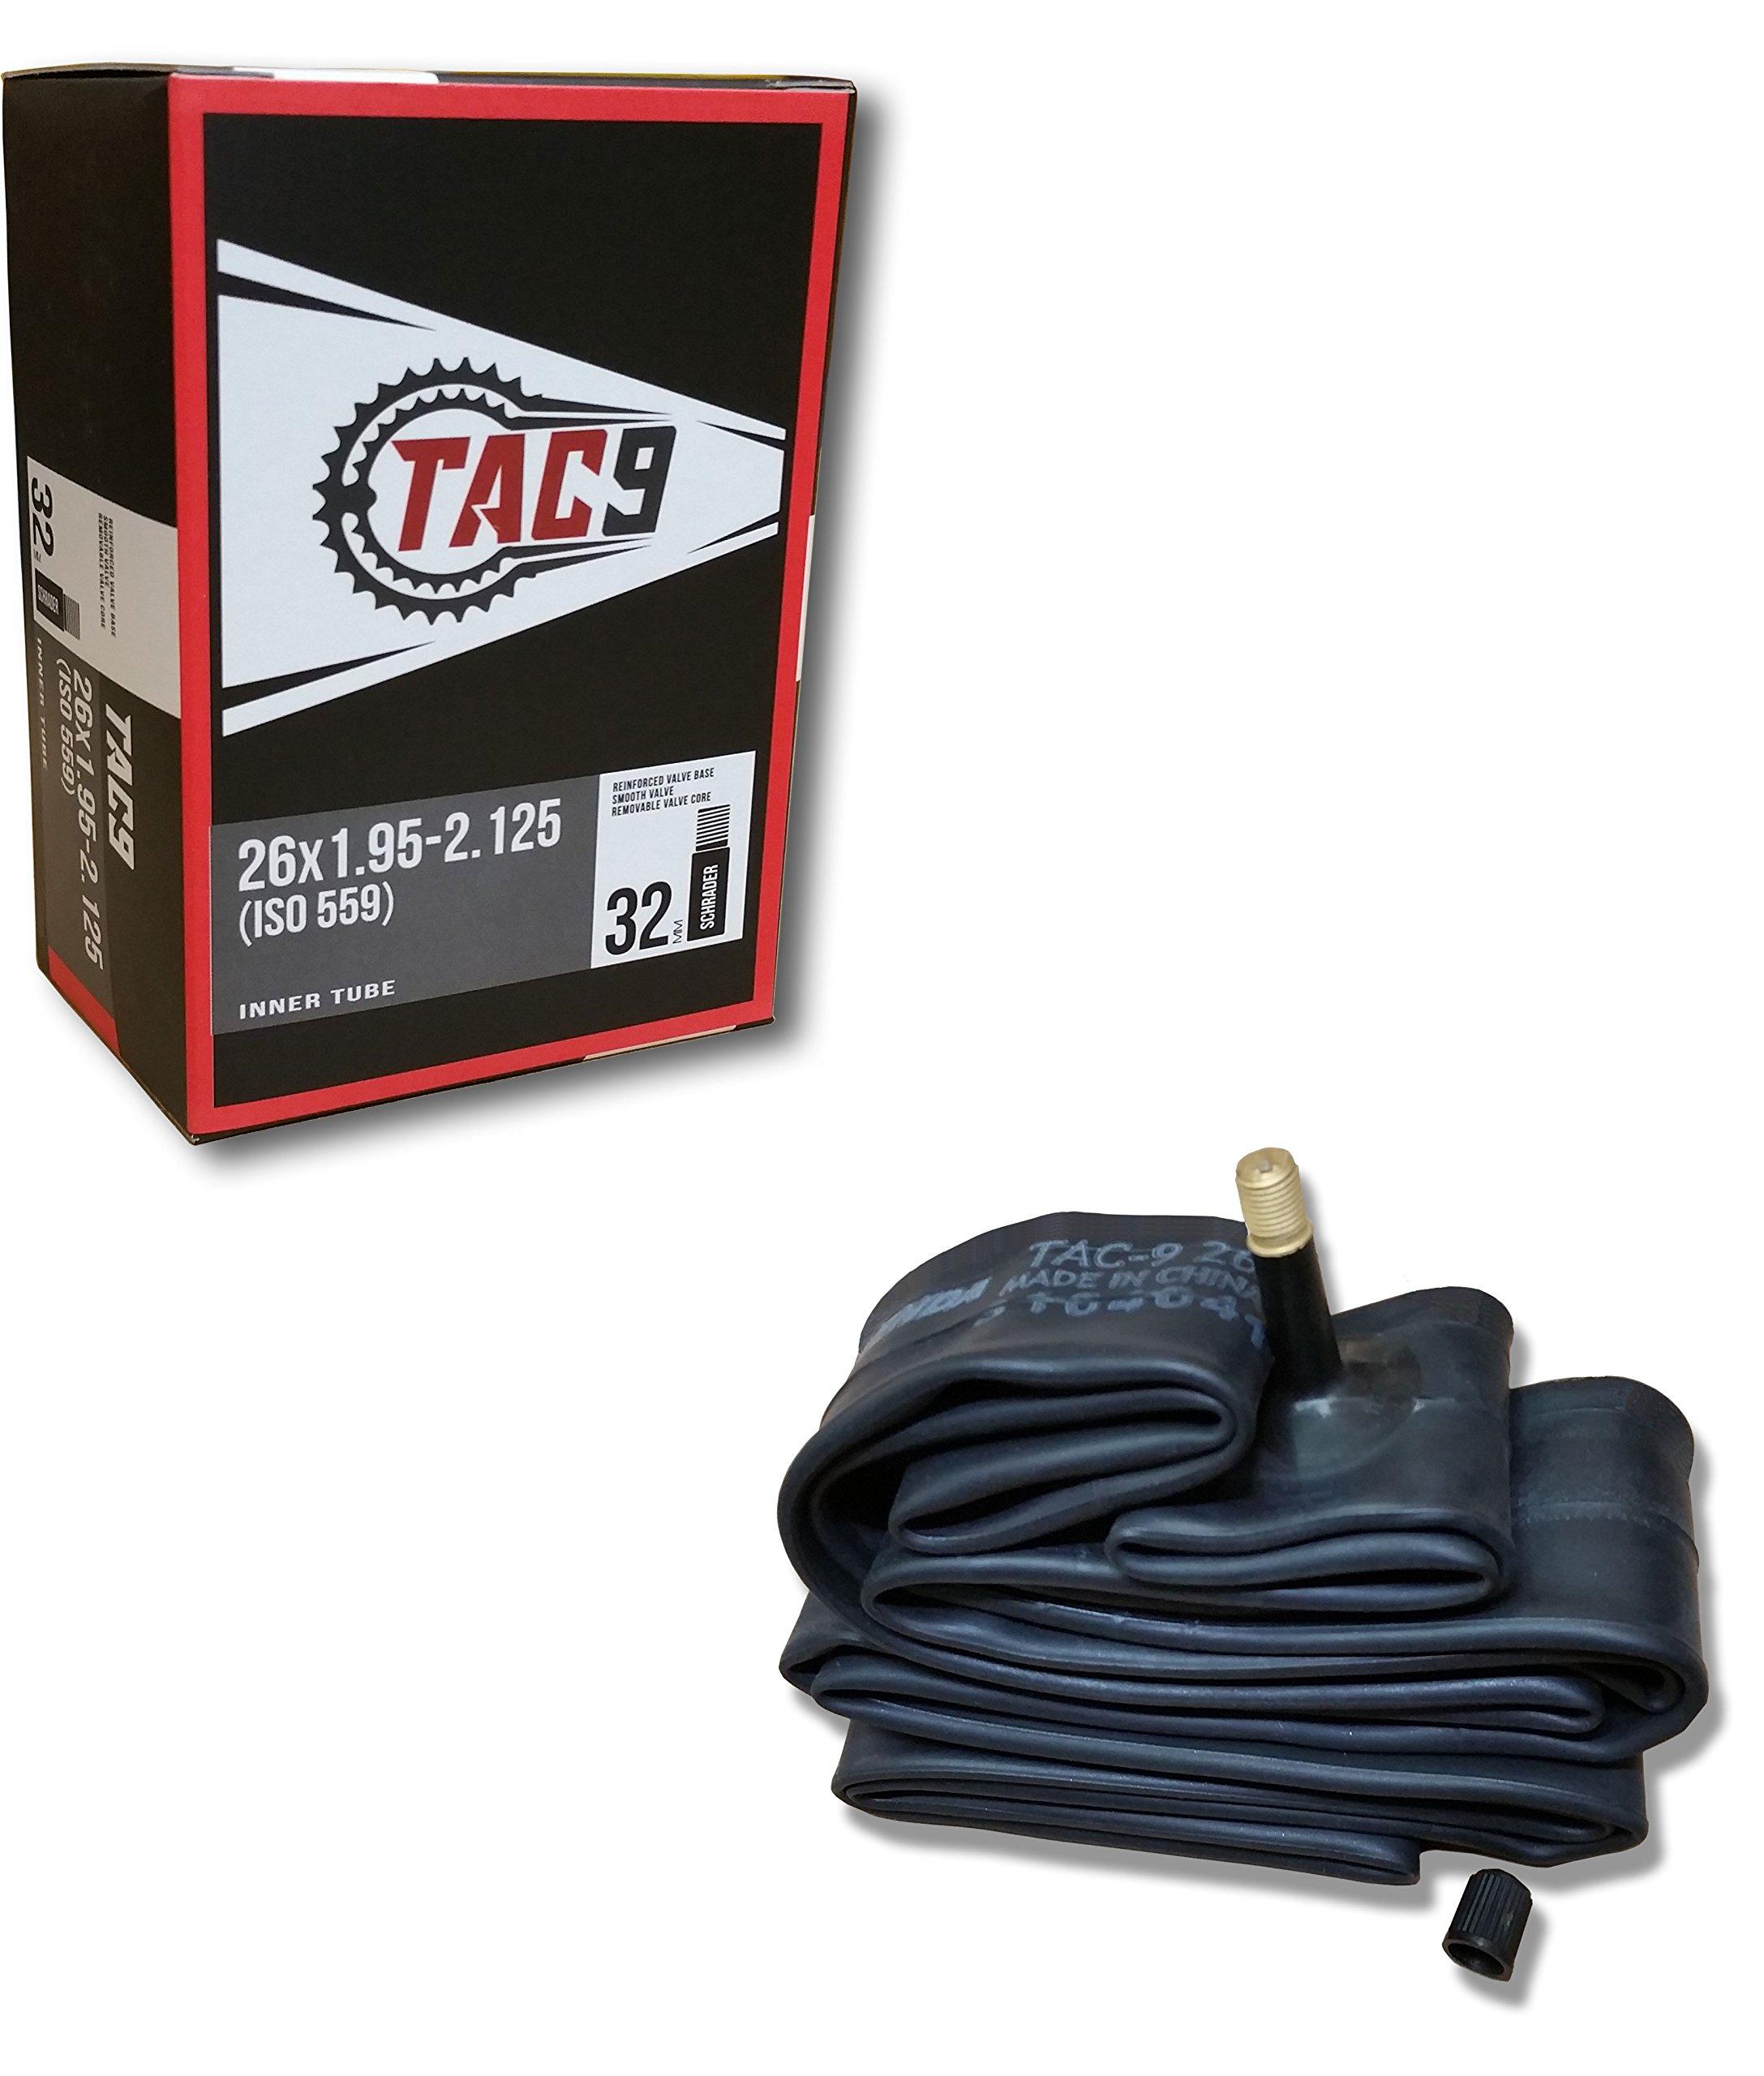 TAC 9 Bike Tubes, 26 x 1.95-2.125'' Regular Valve 32mm - ONE Tube ONLY Bundle